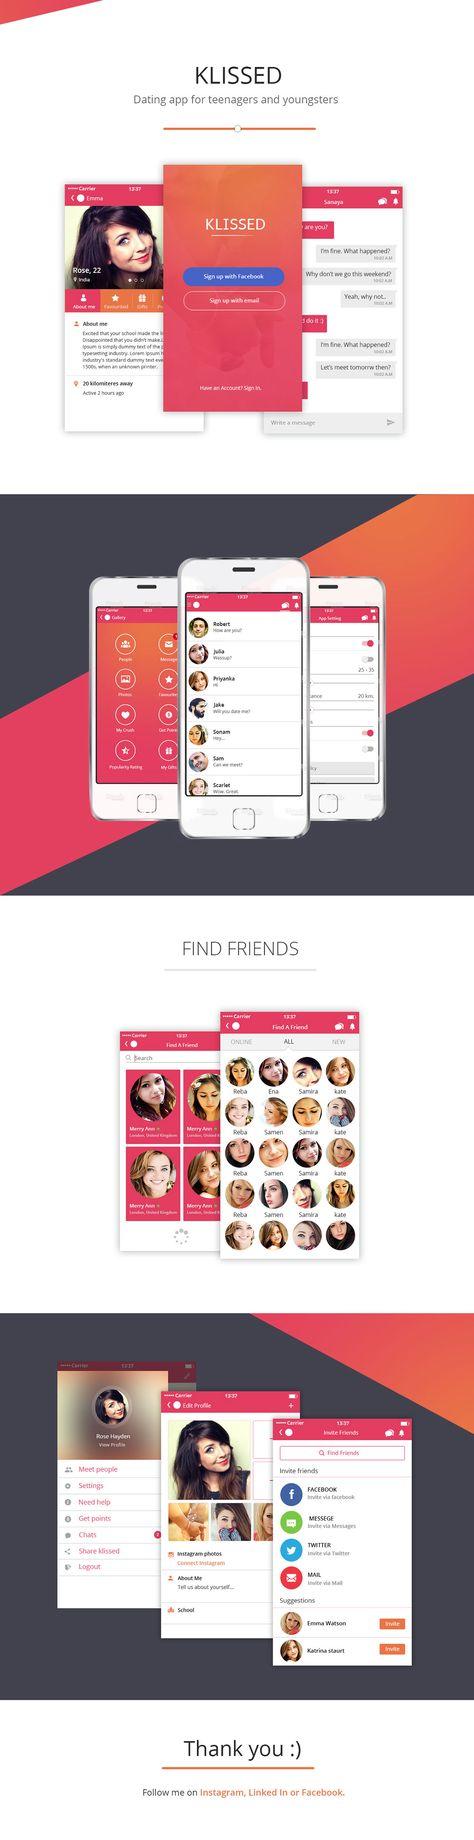 evreiesc app dating app)